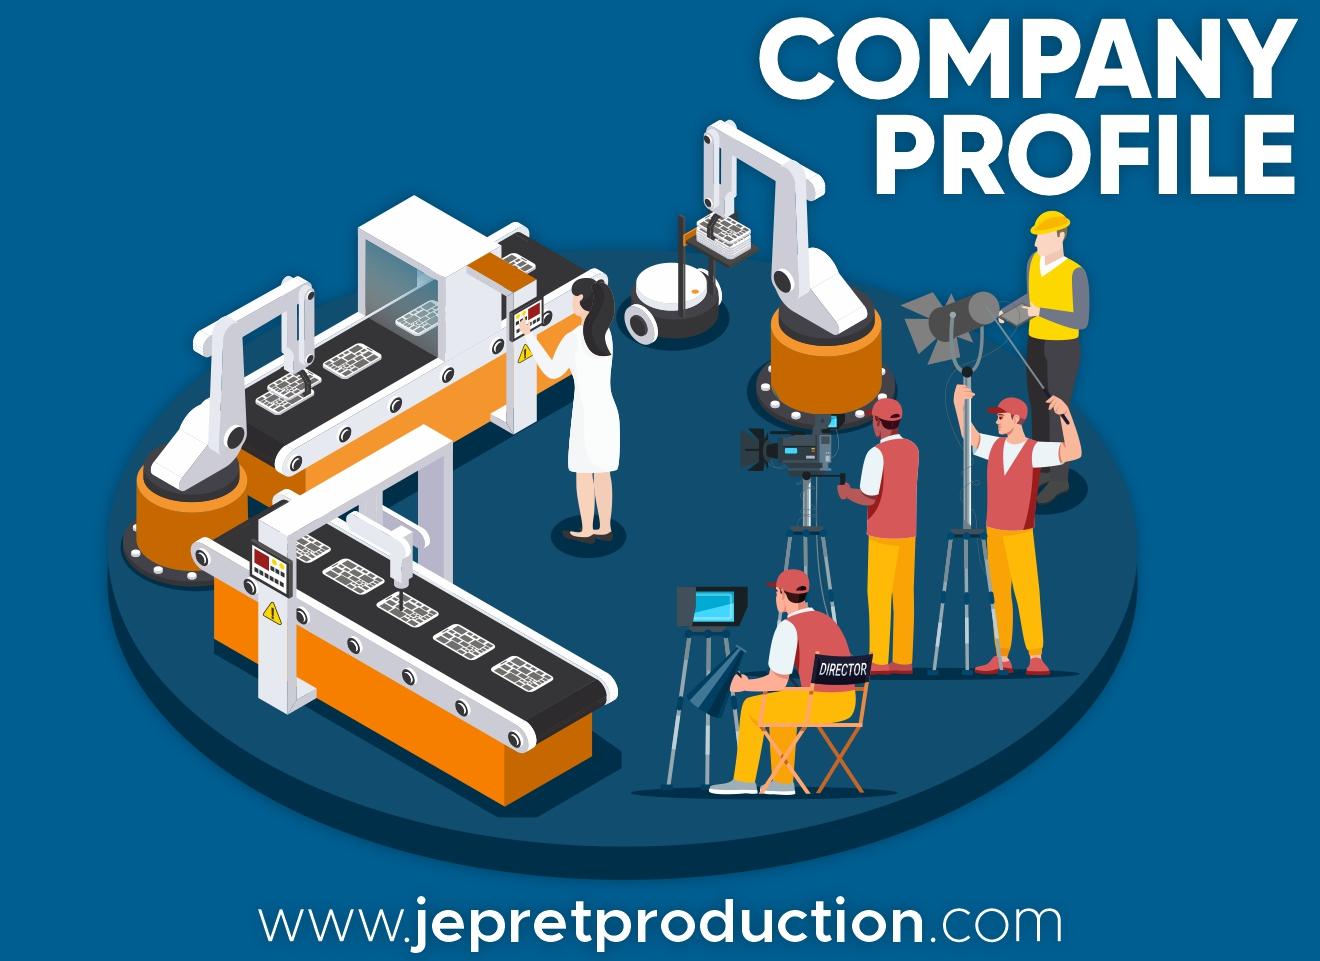 JASA VIDEO COMPANY PROFILE (Demo)